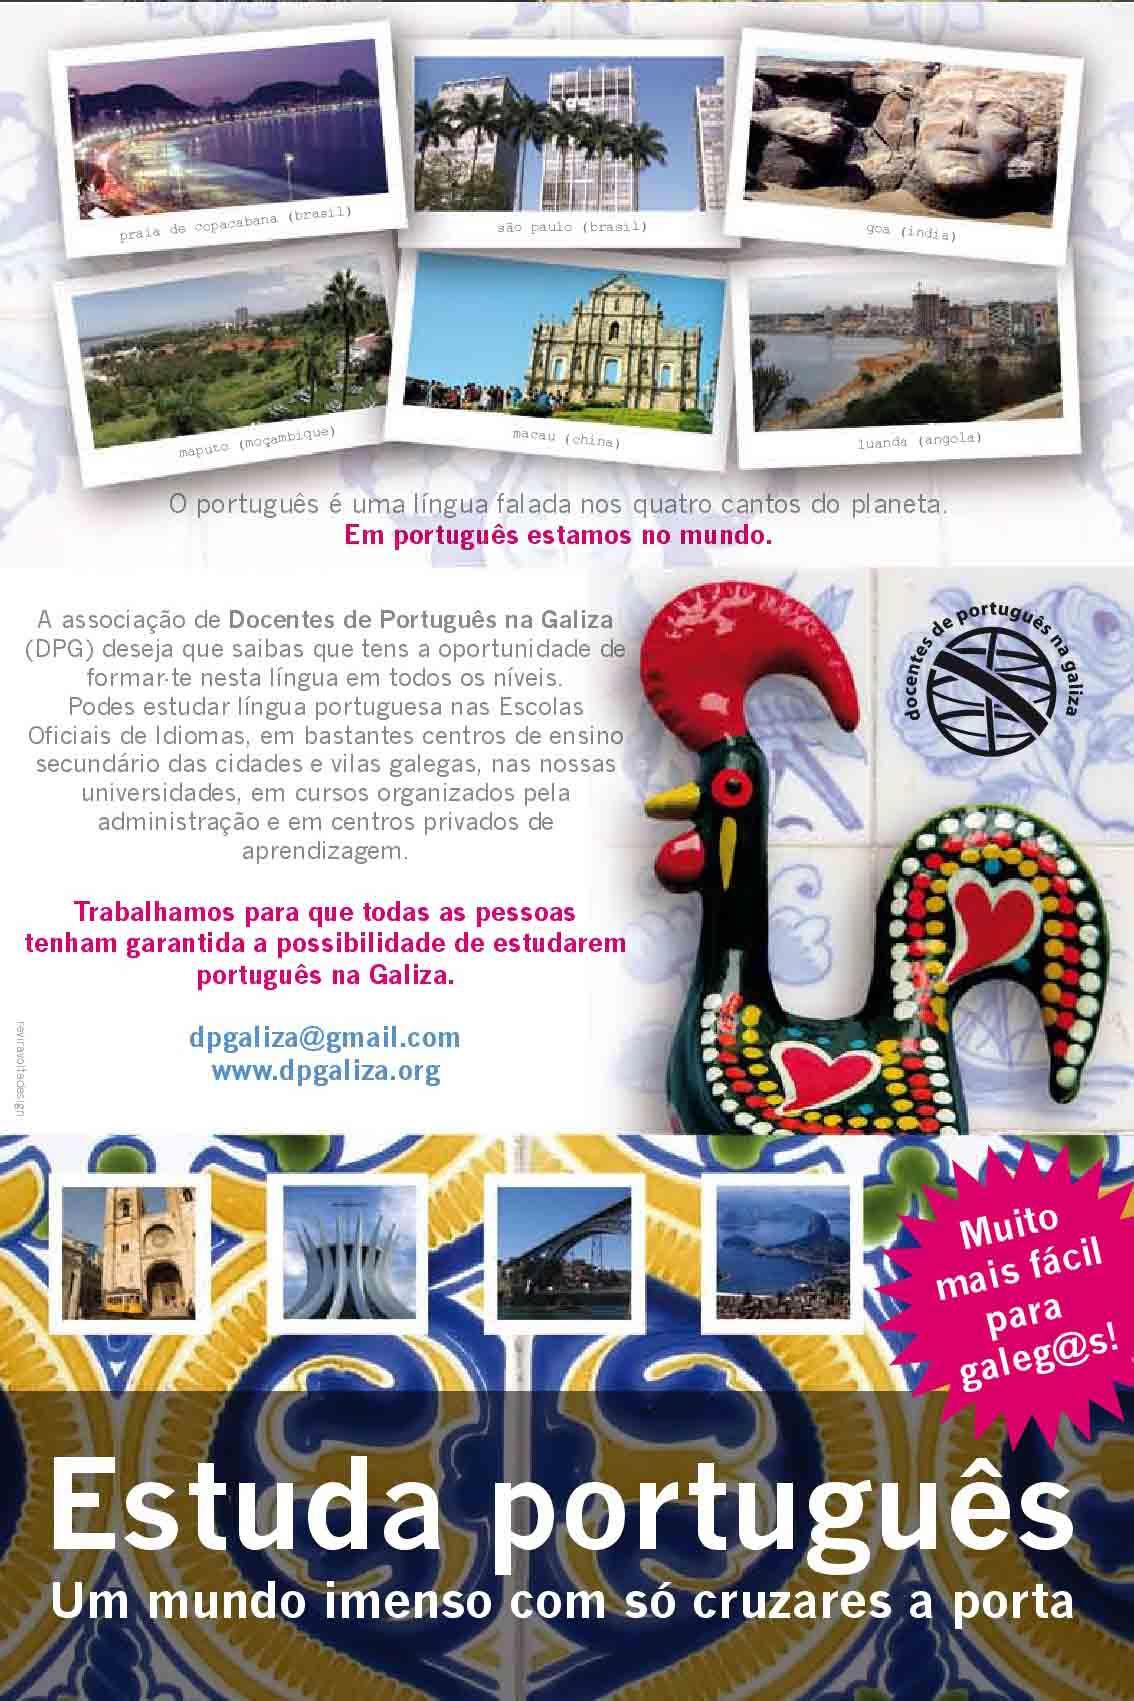 Estuda-portugues-004